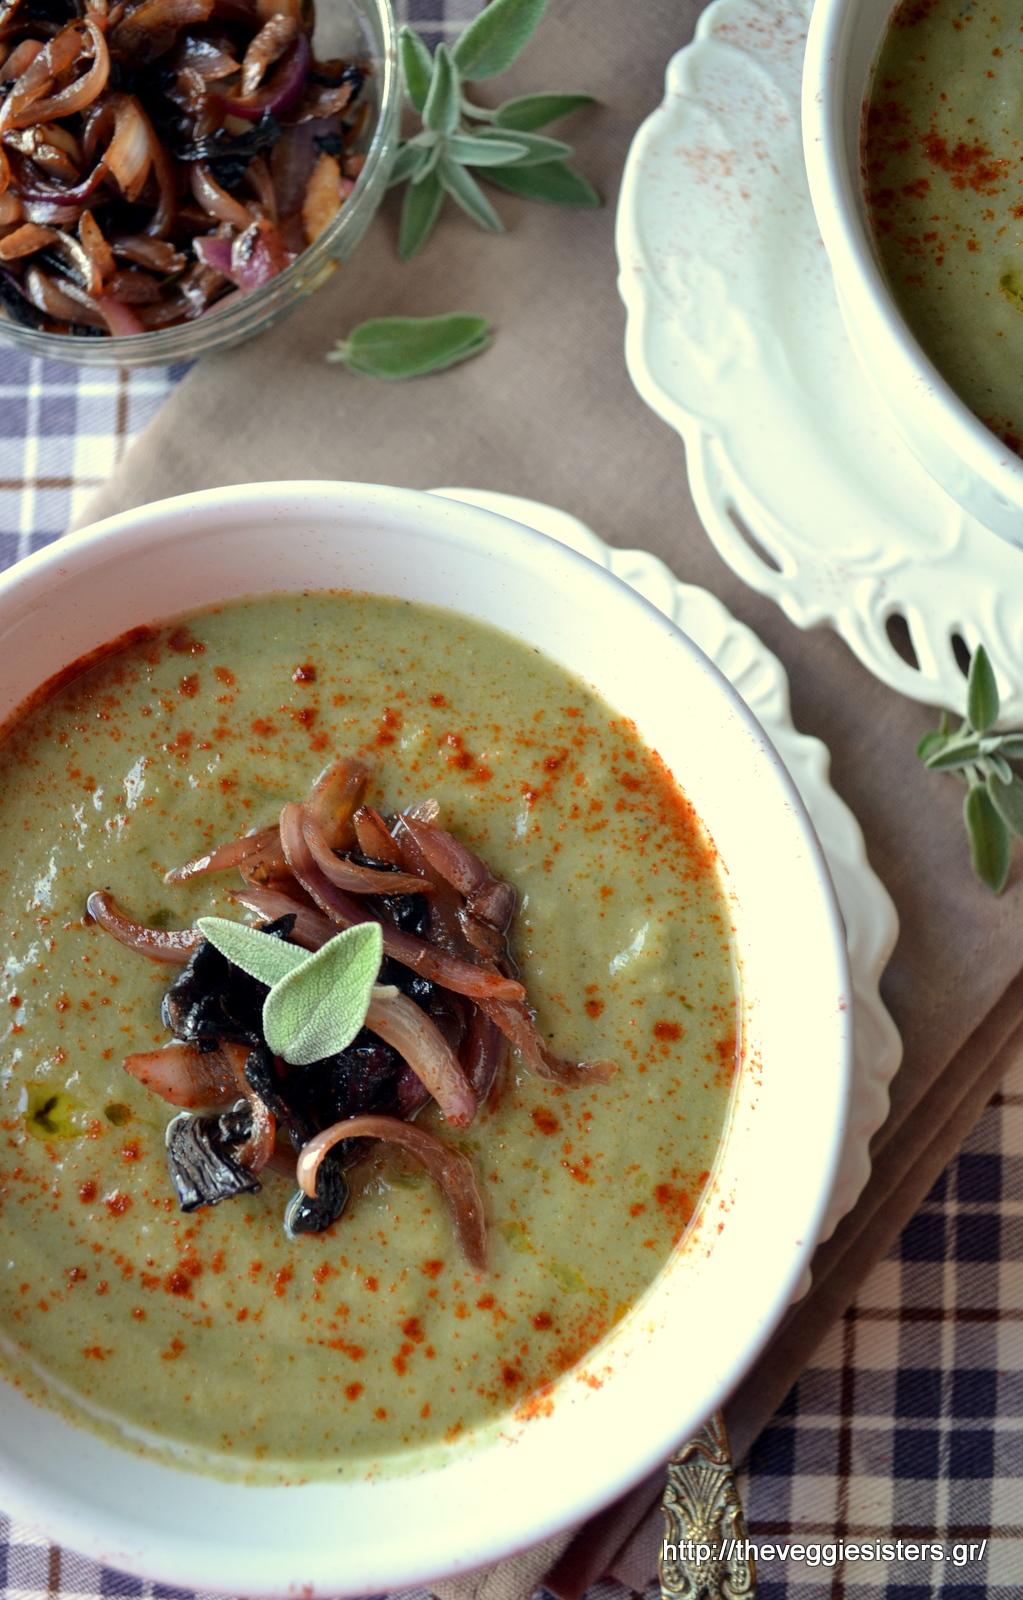 Σούπα βελουτέ με μπρόκολο κ καραμελωμένα πορτσίνι κ κρεμμύδια - Creamy broccoli soup with caramelised porcini and onions